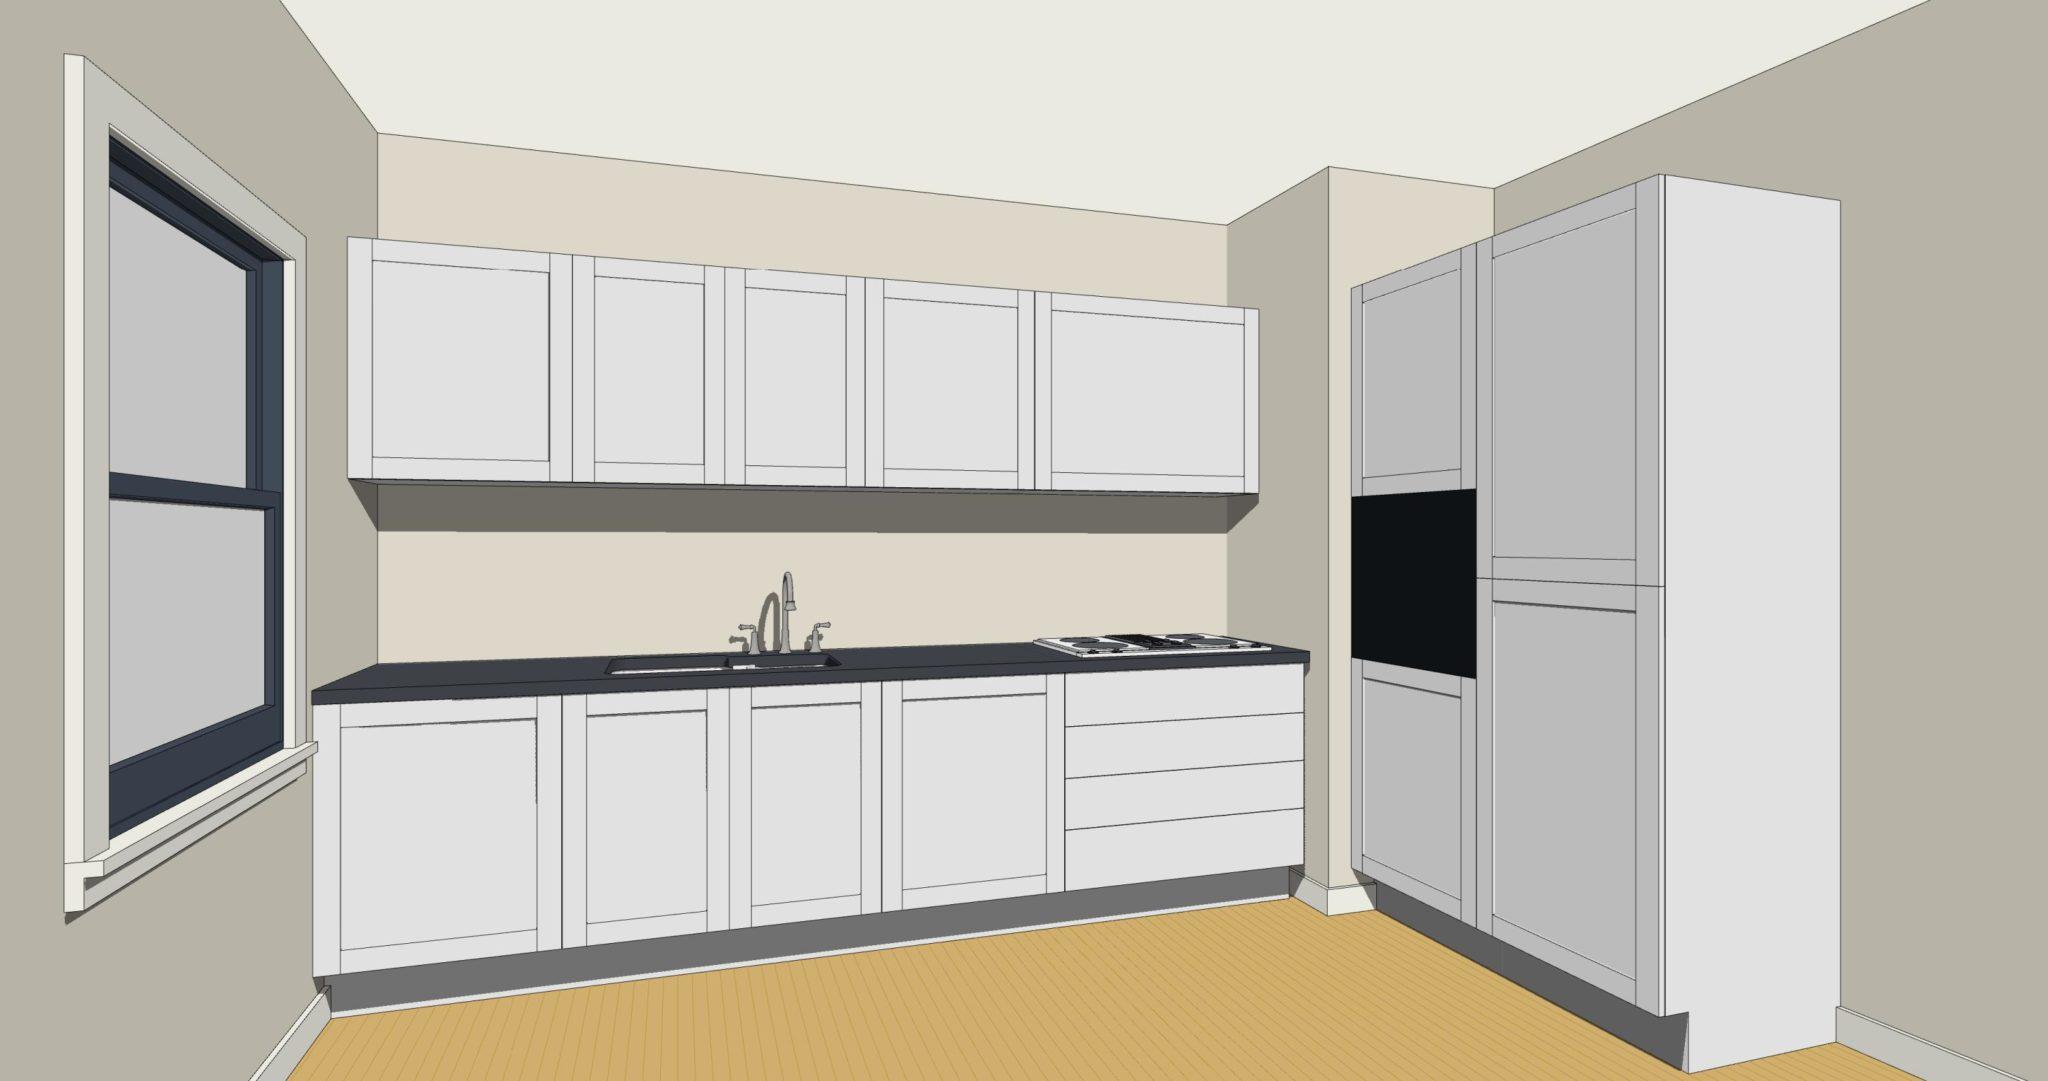 Come riadattare la cucina in un nuovo ambiente senza commettere errori